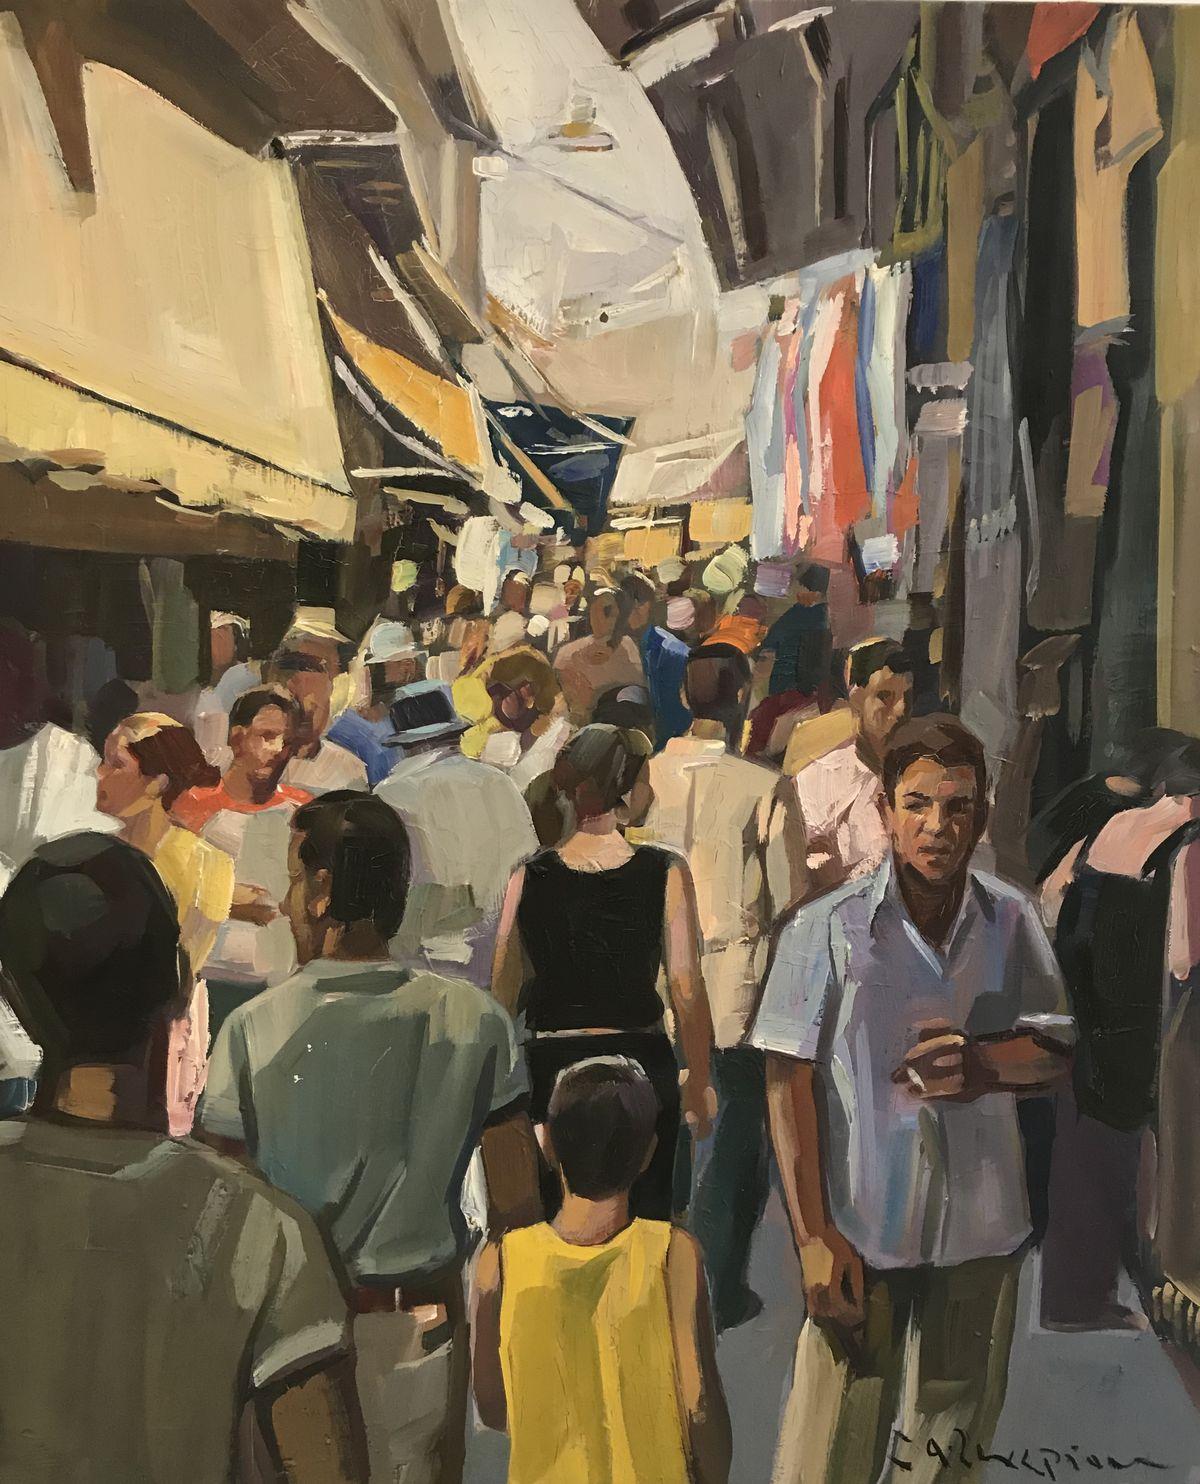 Θανάσης Ζαχαρίου 65×80 Λάδια σε καμβά Thanassis Zachariou 65×80 cm Oils on canvas